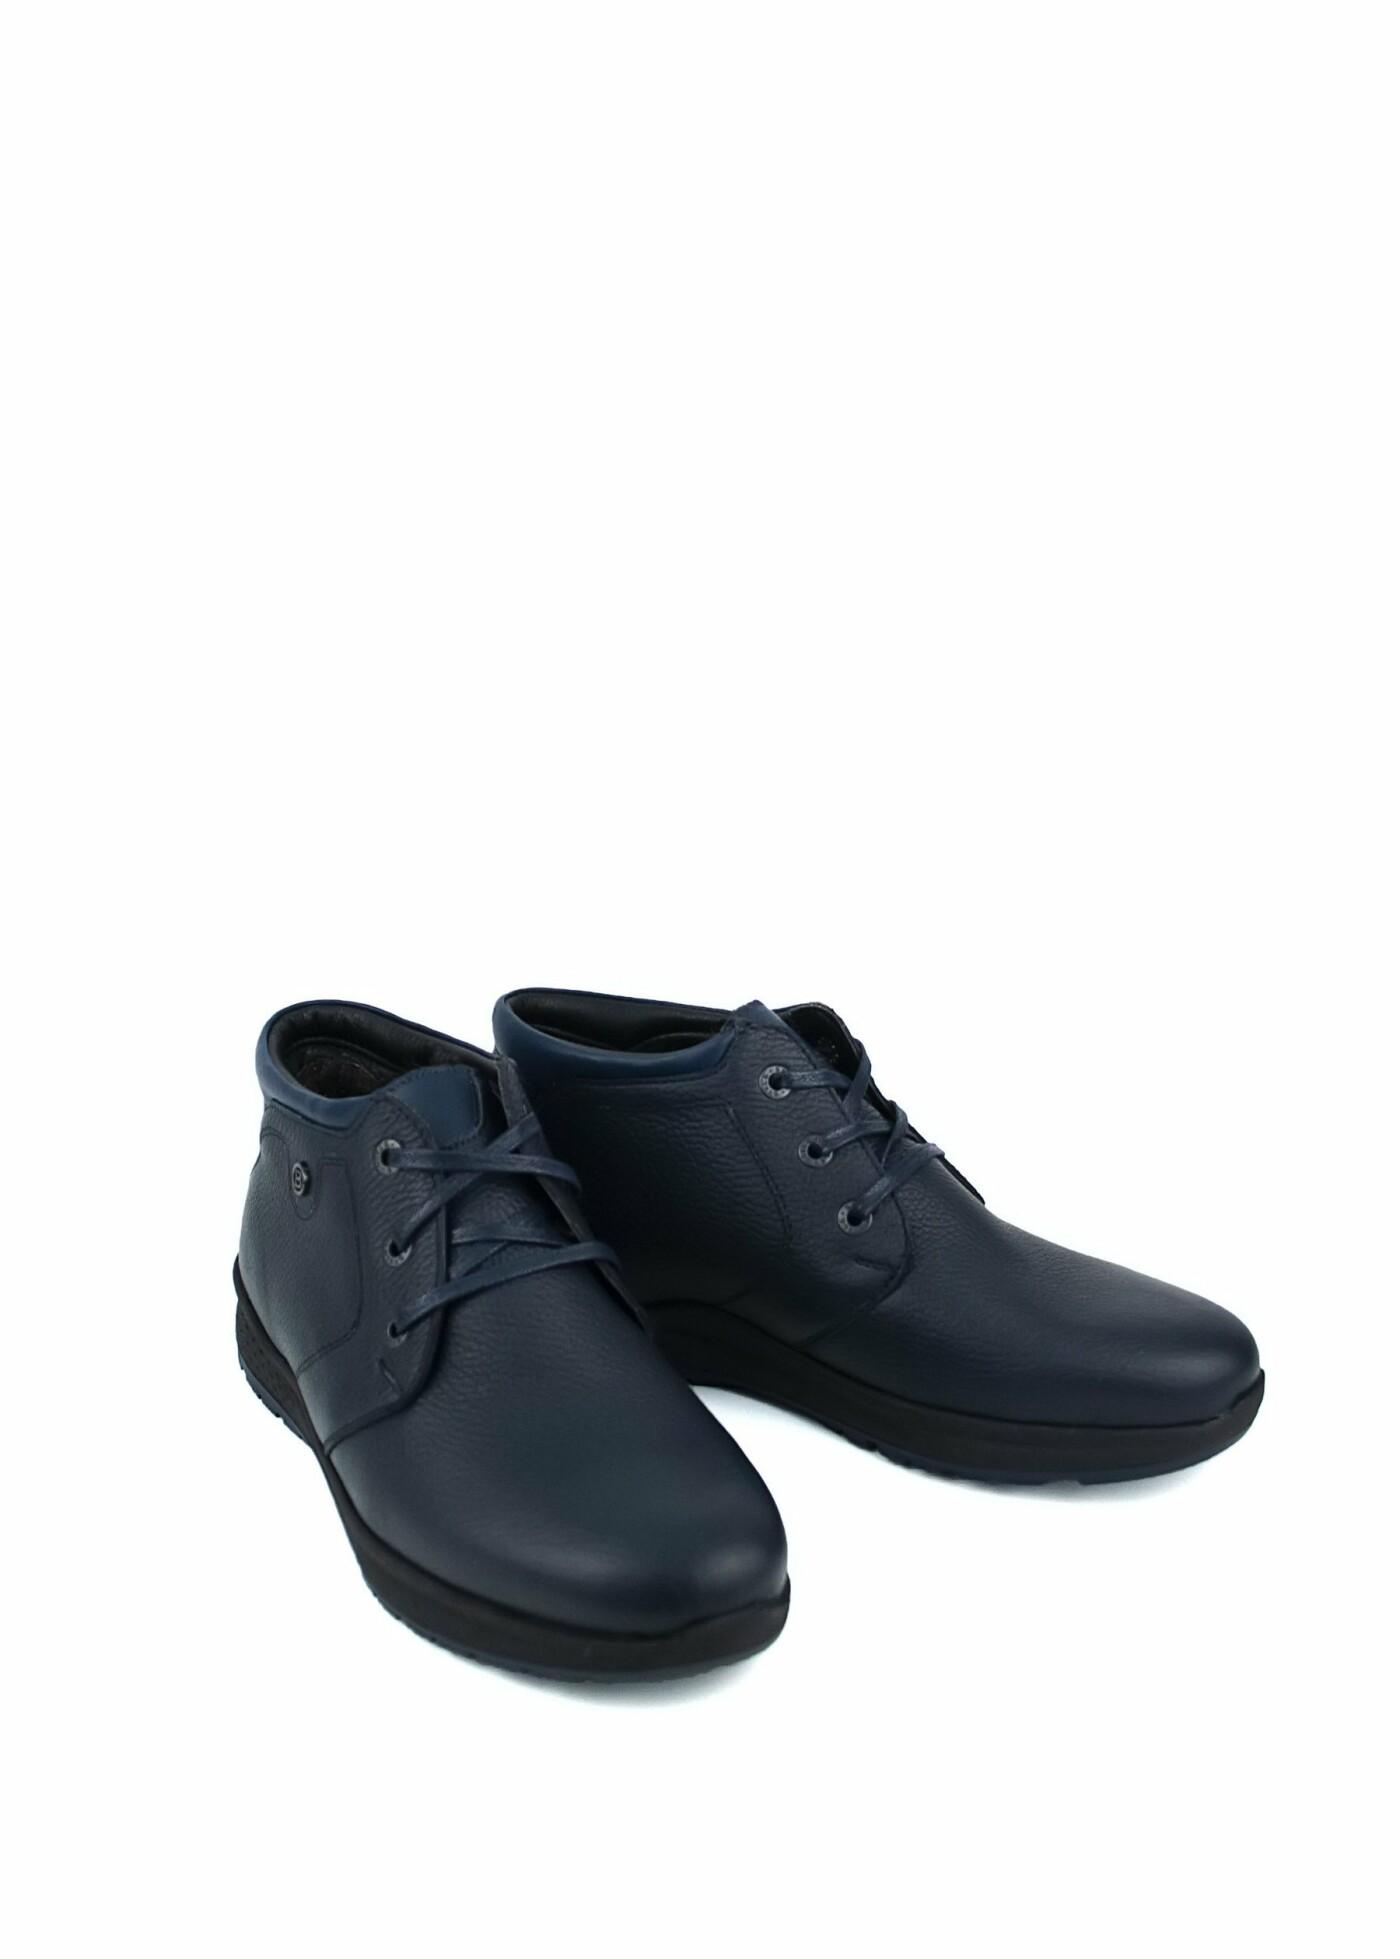 Майстер приїде до вас зробити заміри. Stefano впроваджує нові стандарти виготовлення взуття!, фото-3